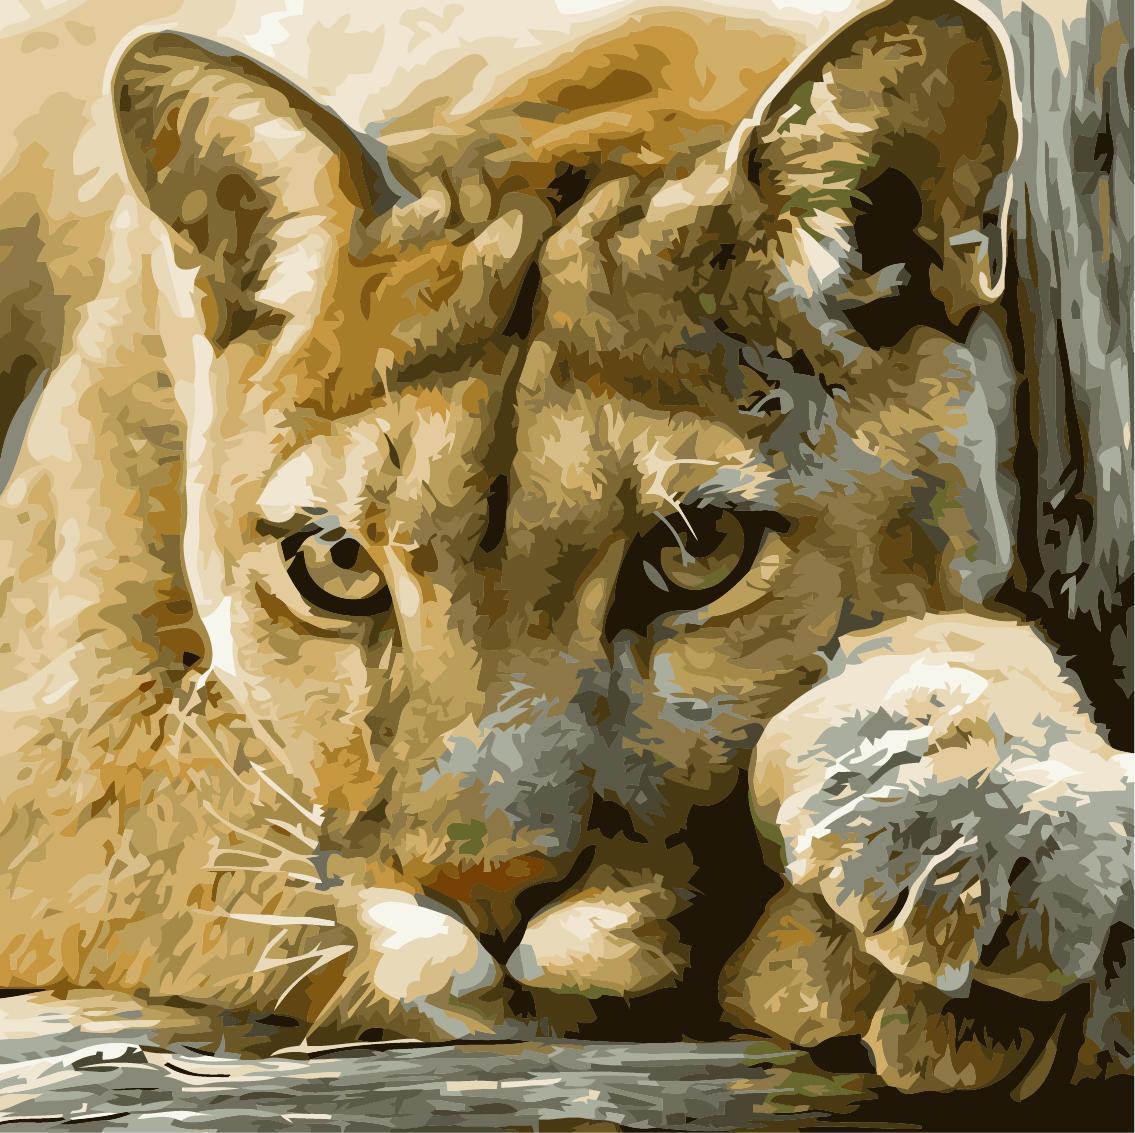 Картина рисование по номерам Идейка Хищница 40х40см КНО2485 набор для росписи, краски, кисти, холст